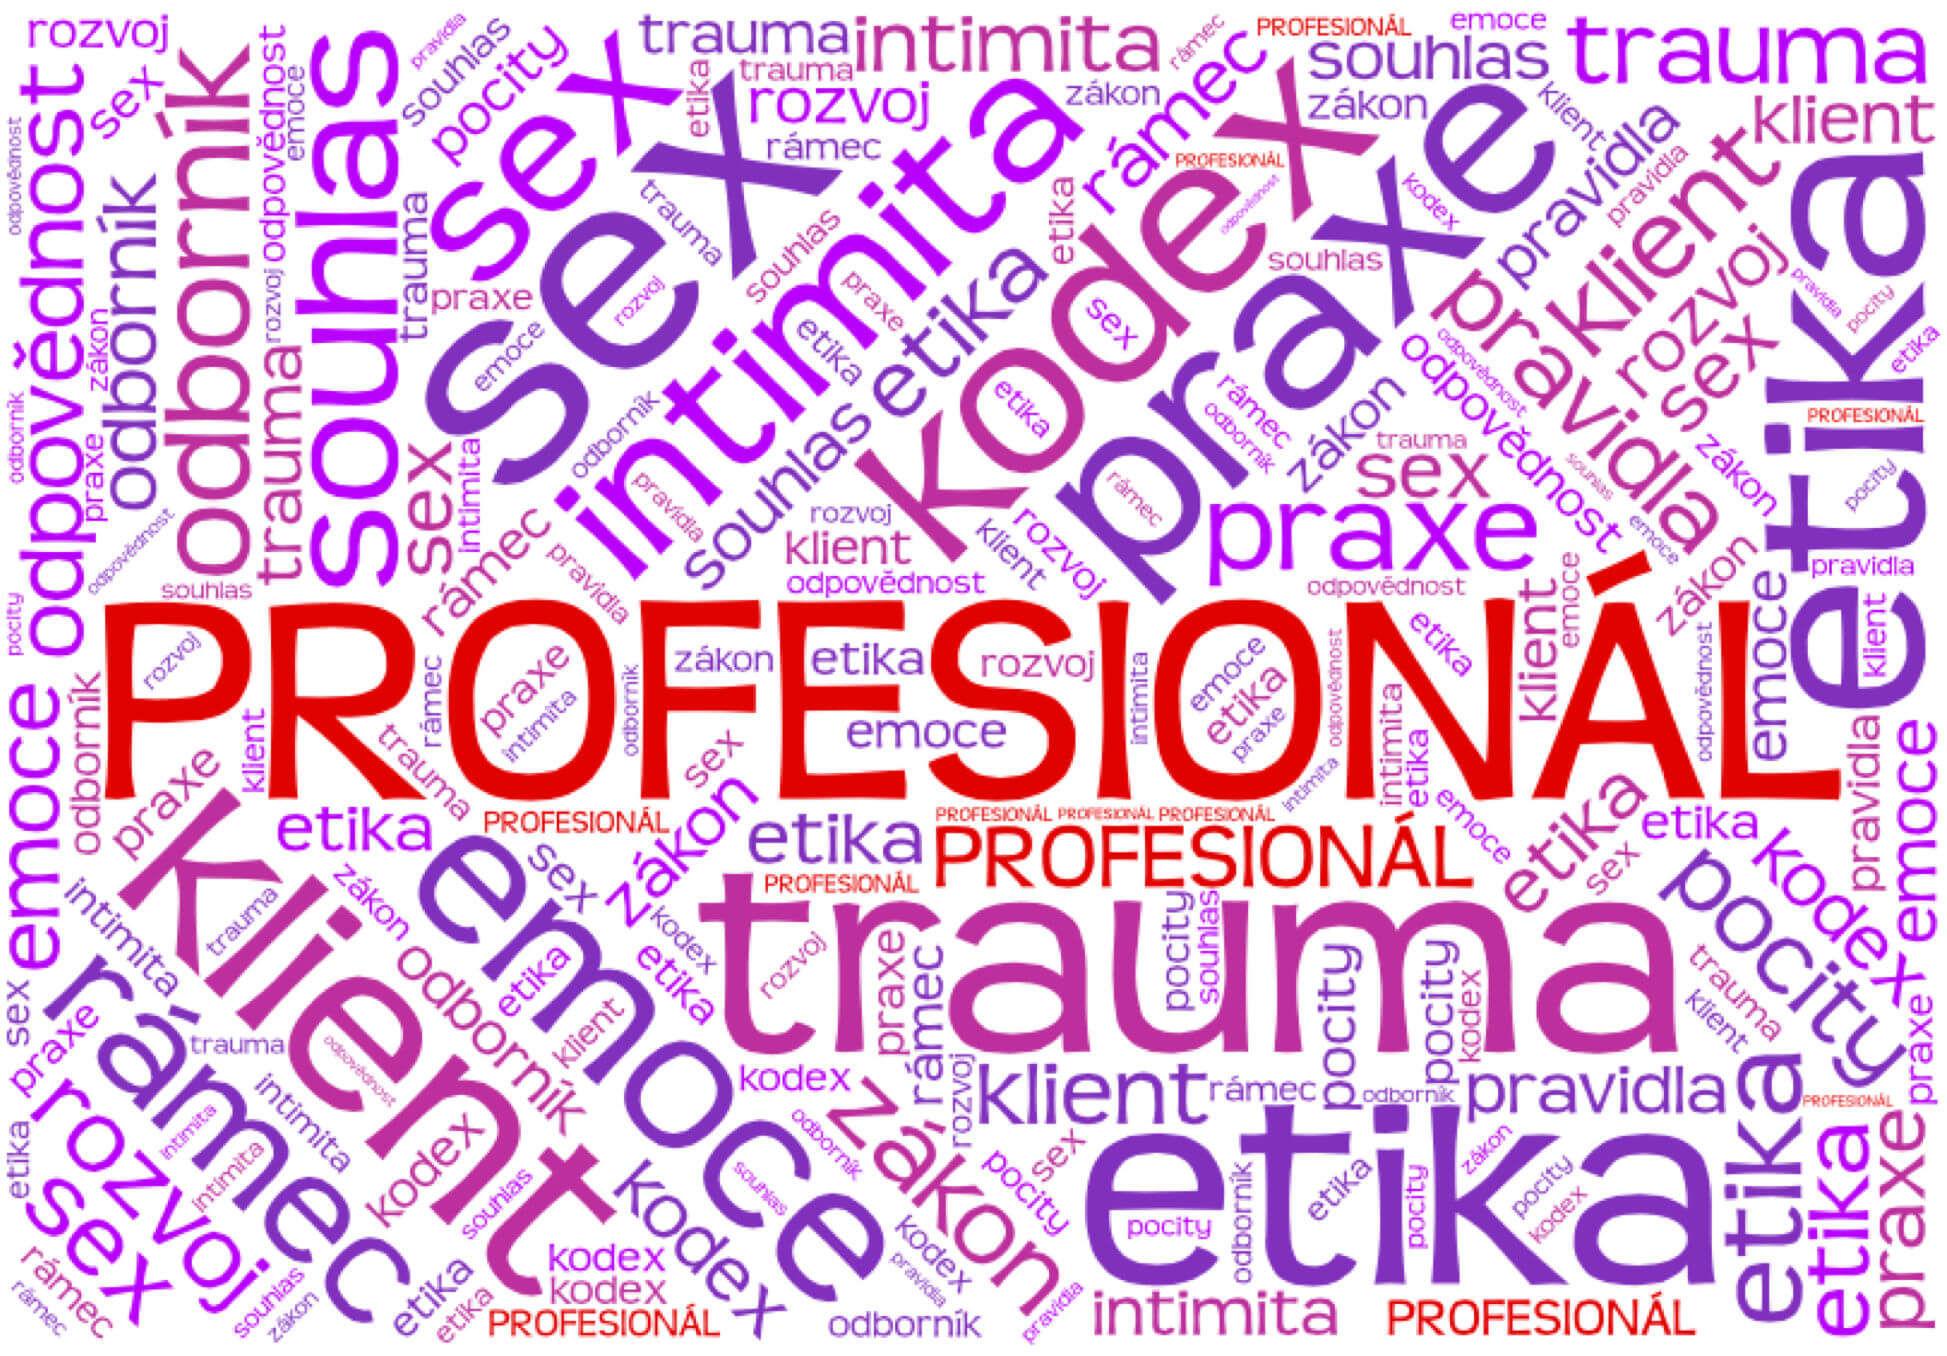 intimní splynutí, kurz pro odborníky, kurz pro profesionály, profesní etika, etika při práci slidmi